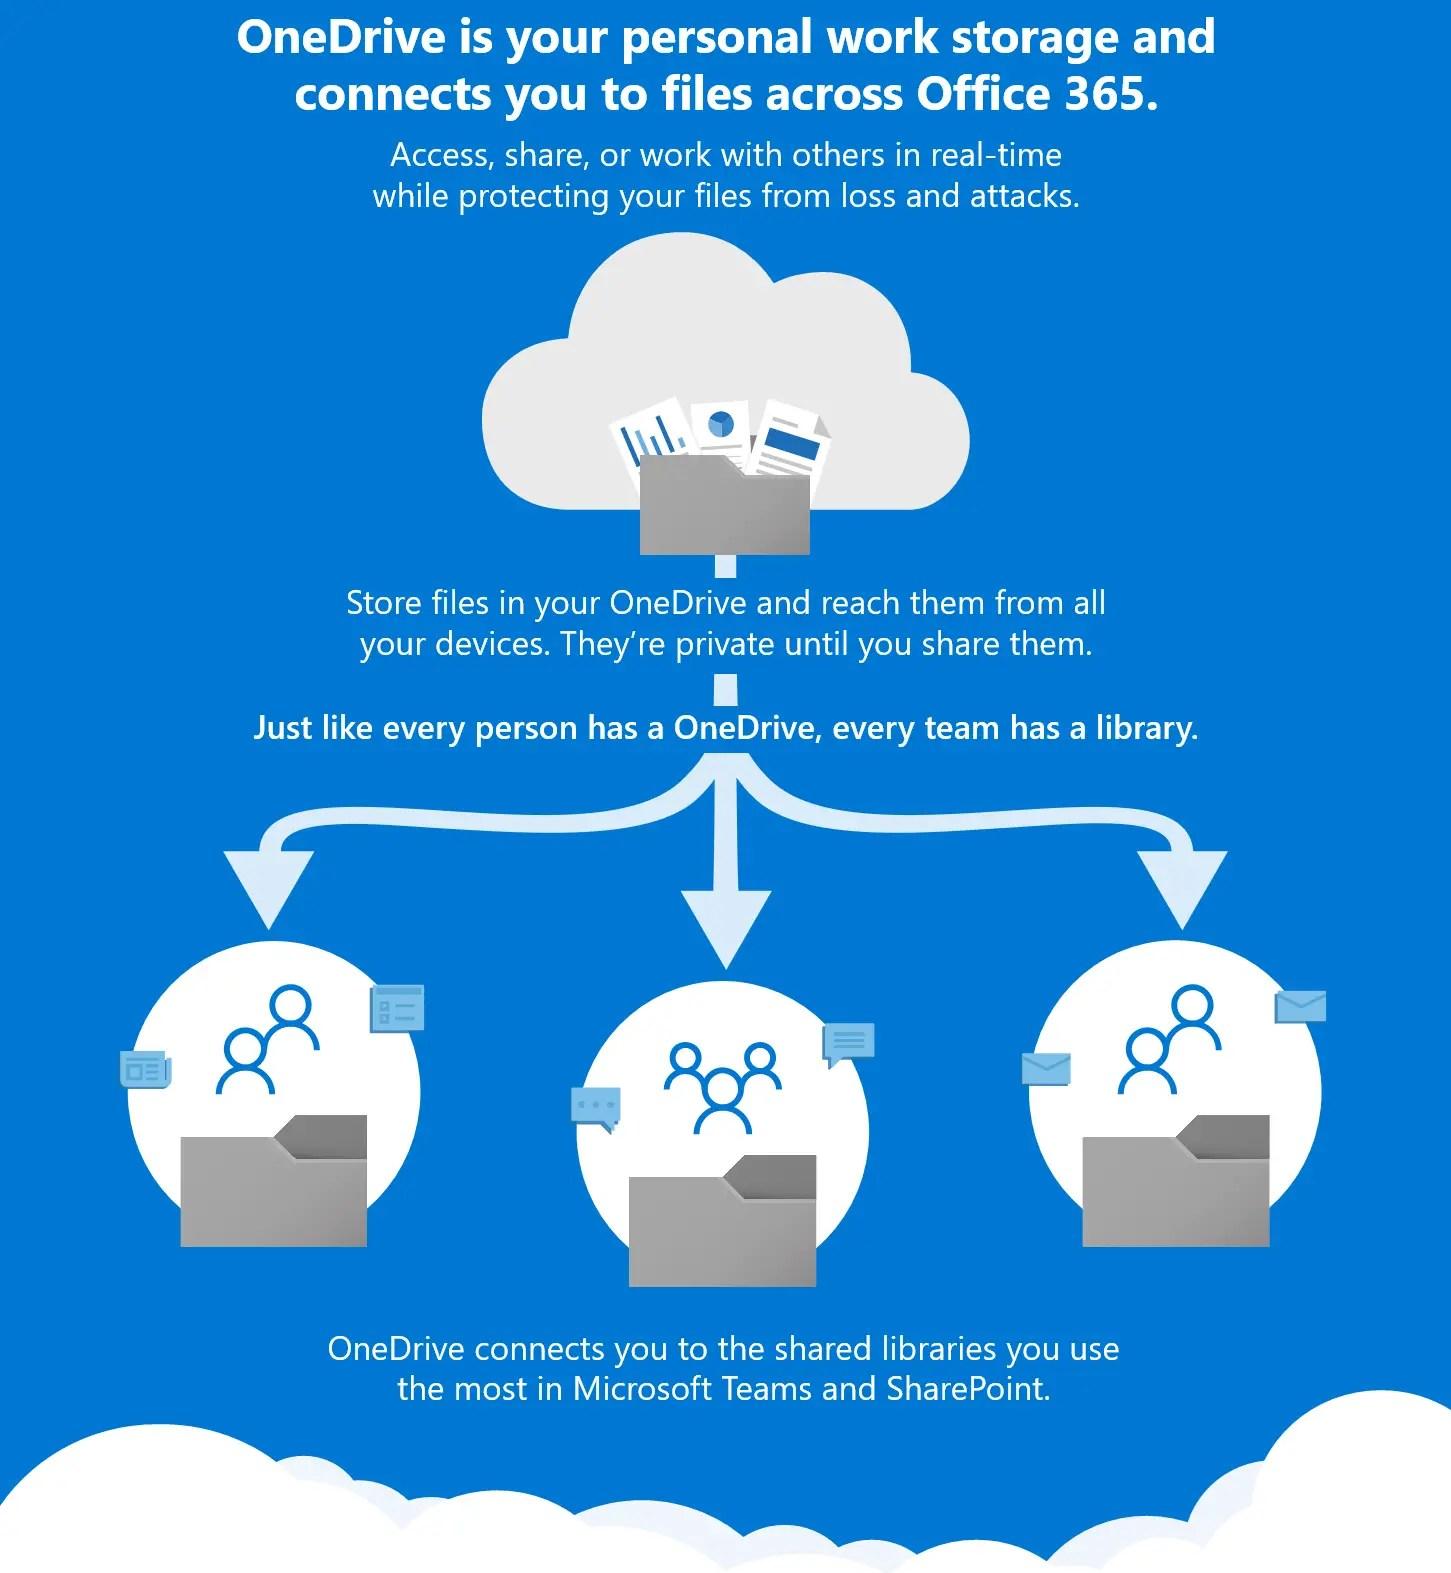 Hoe pak je een document migratie naar Office 365 best aan?